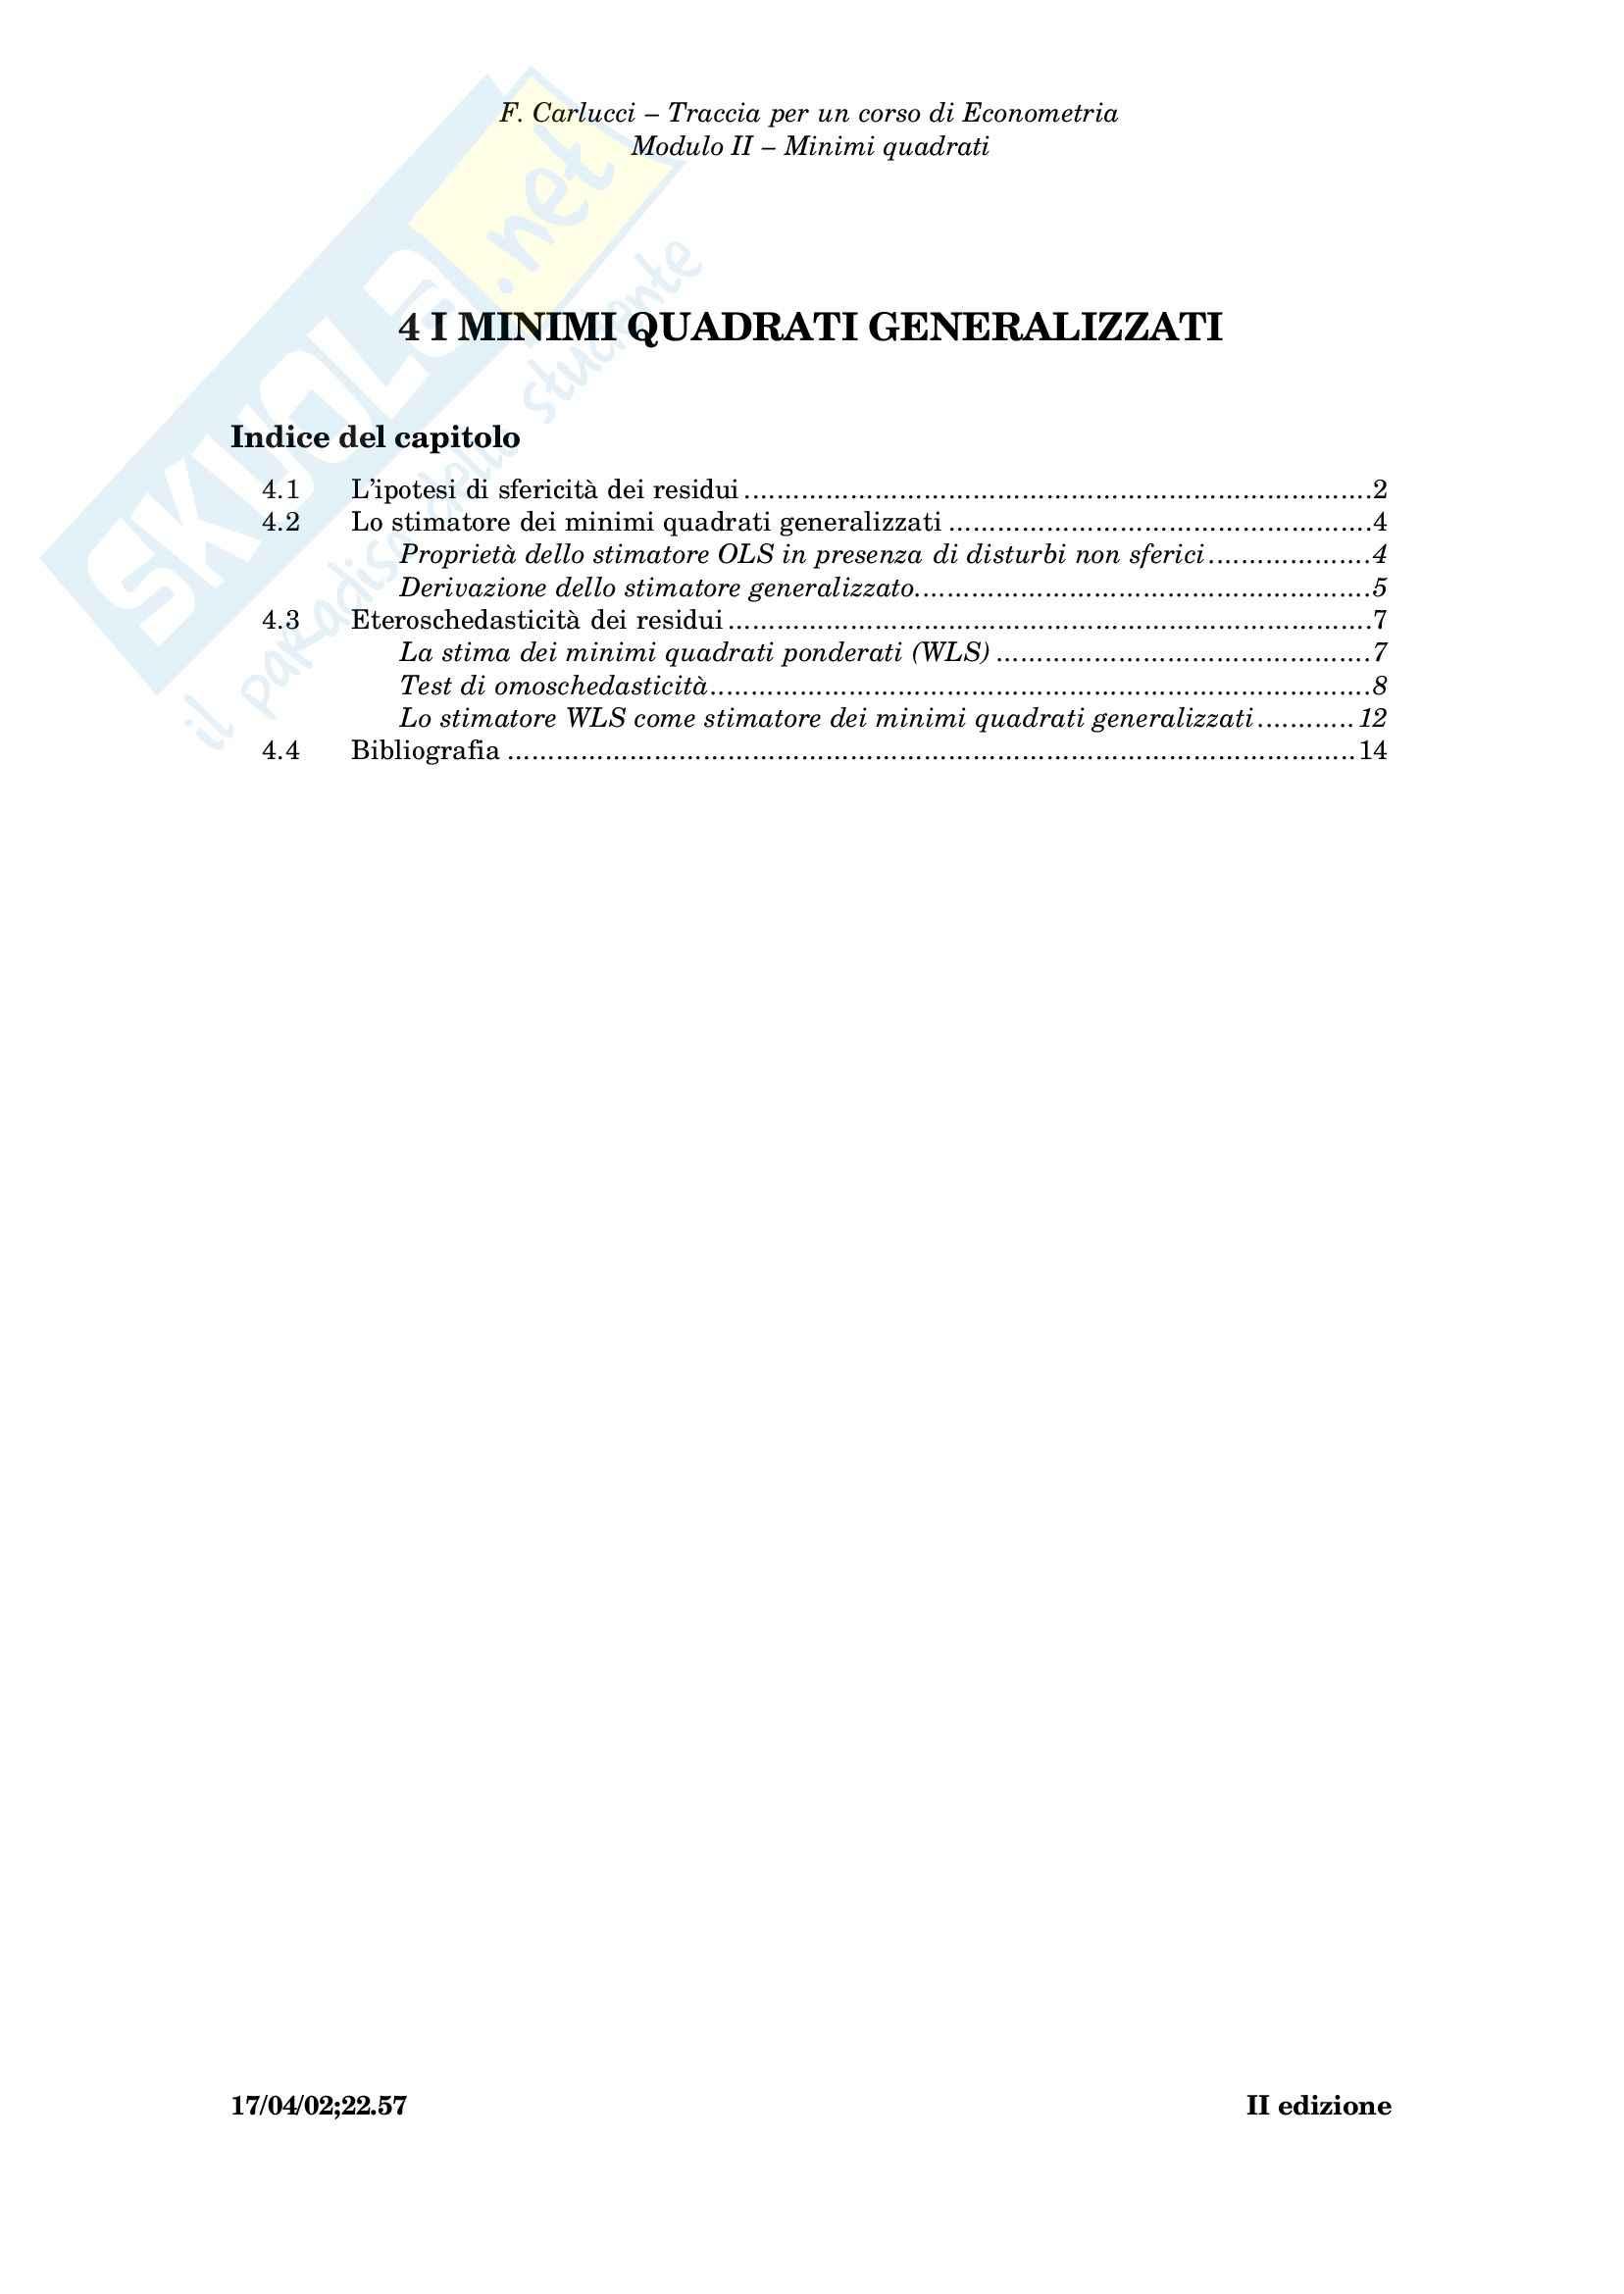 Econometria - i minimi quadrati generalizzati